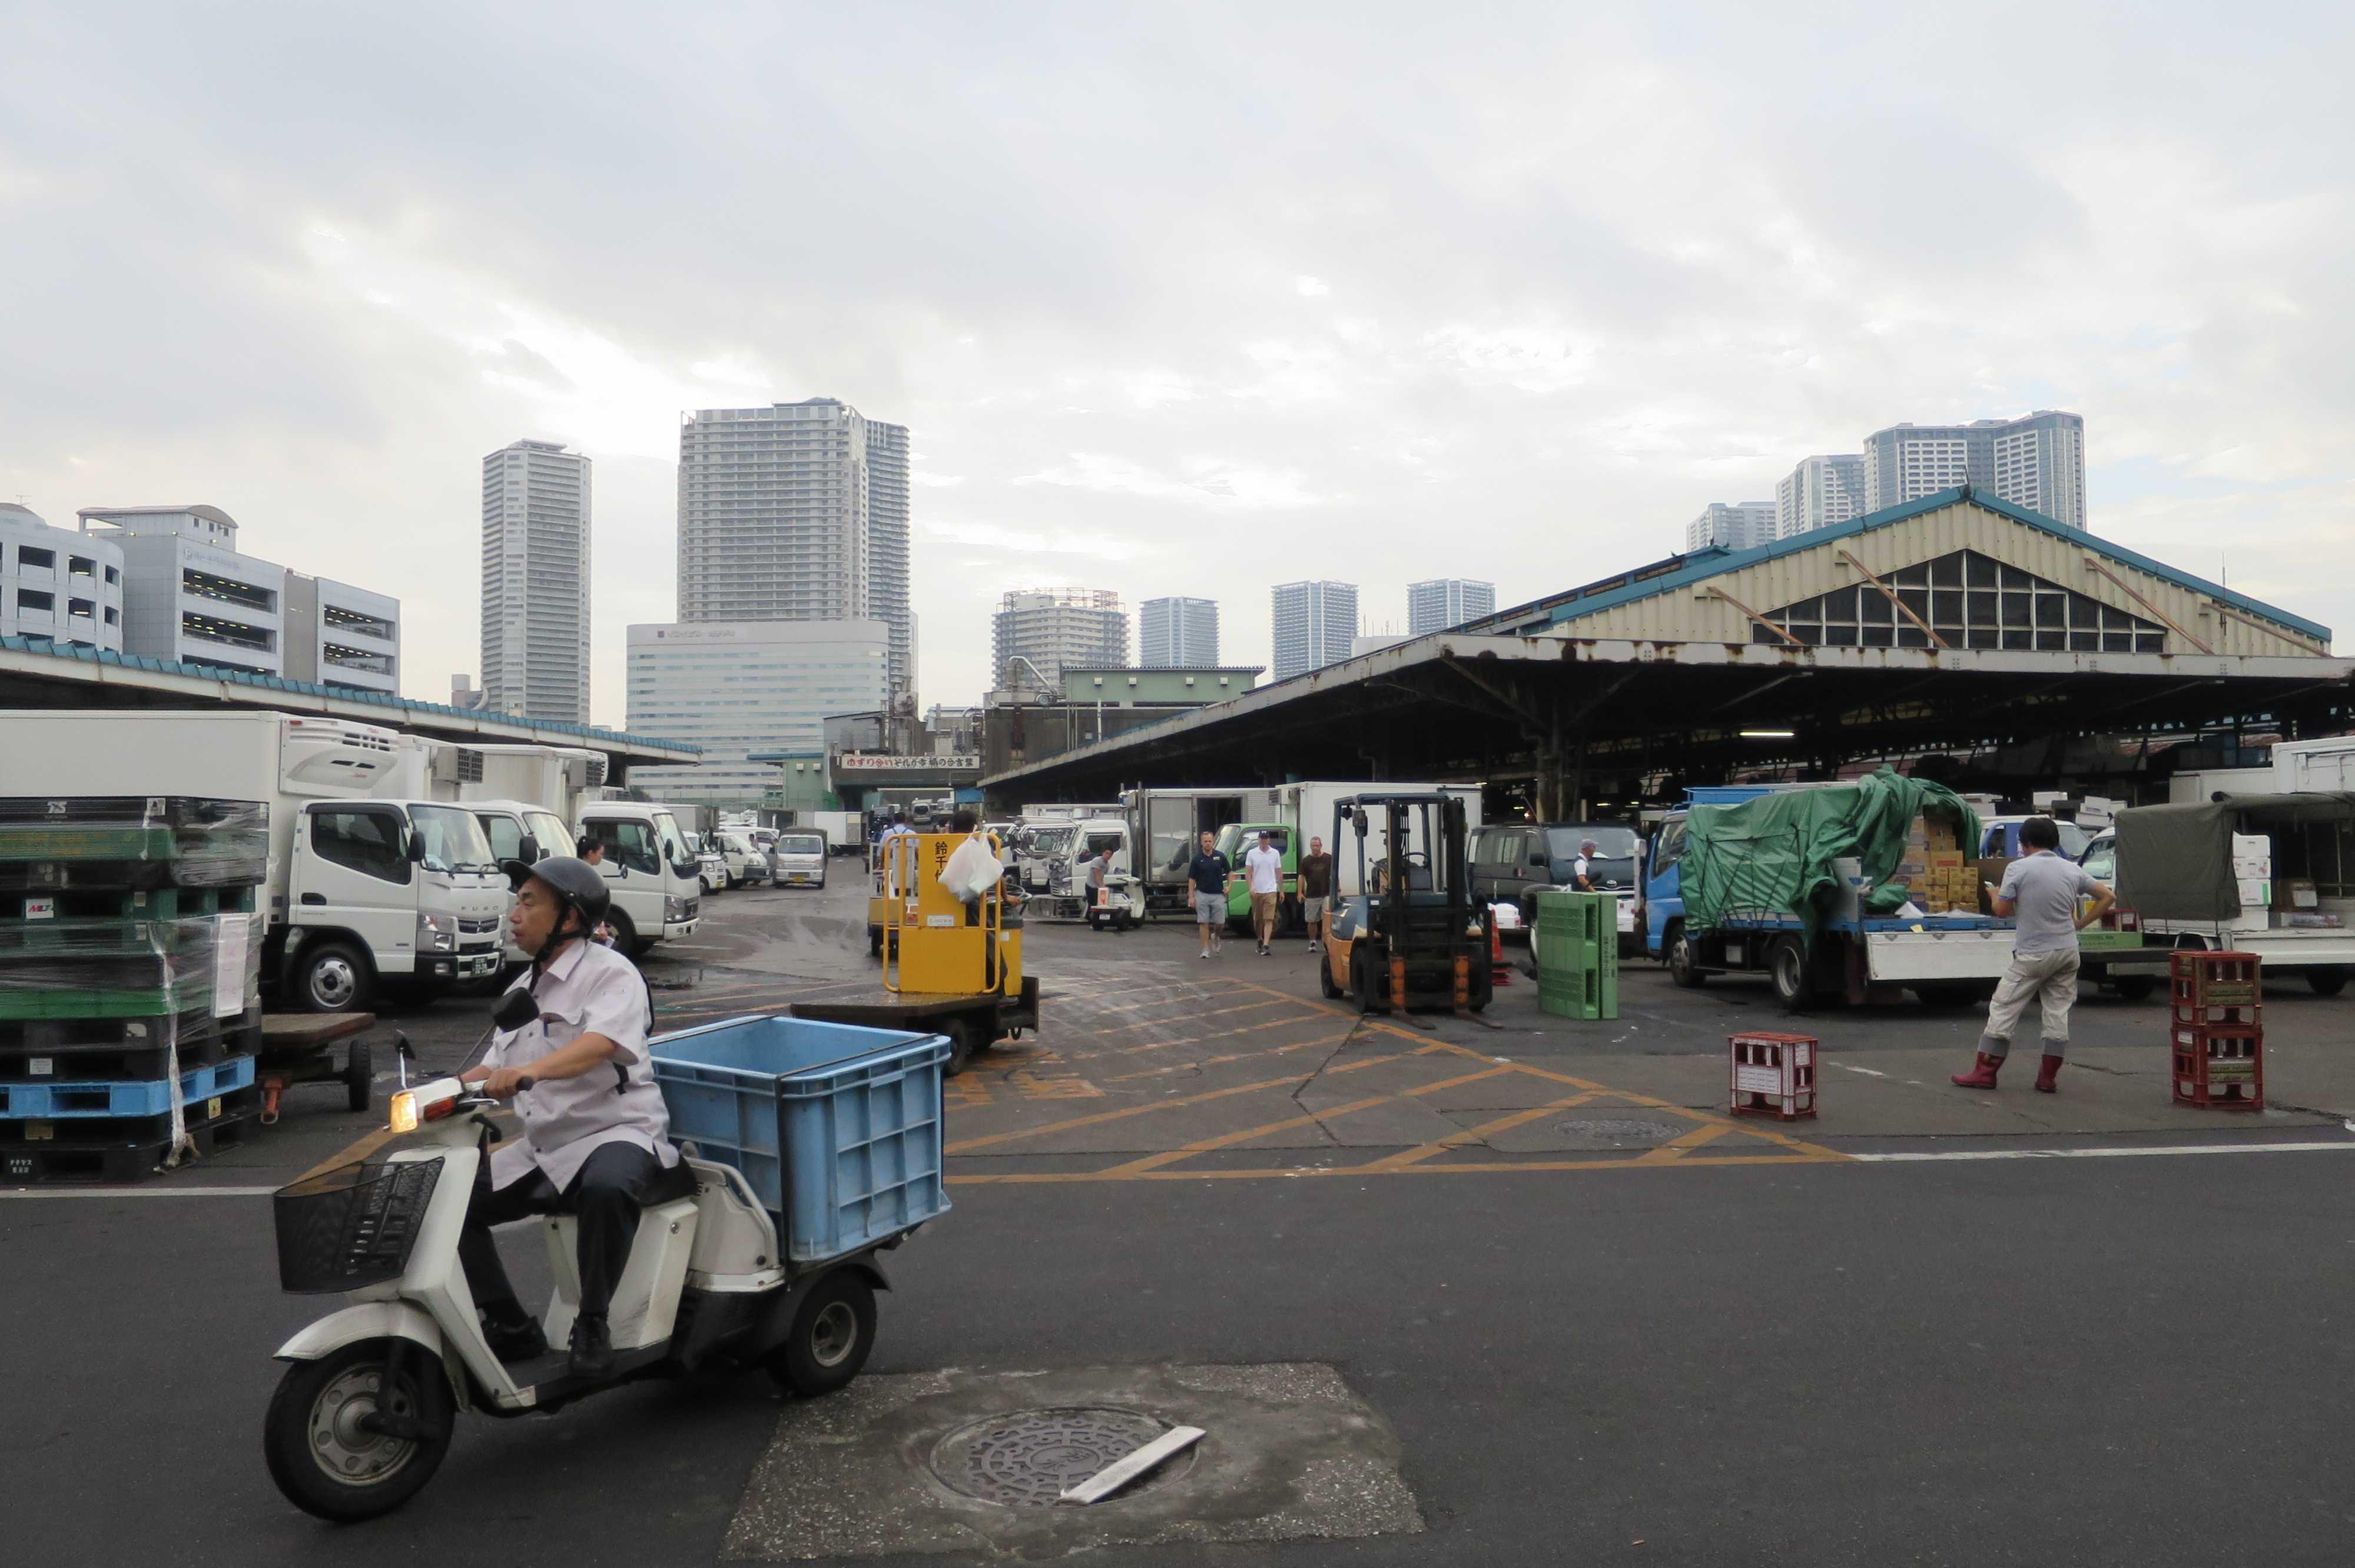 築地市場 - 東京都中央区